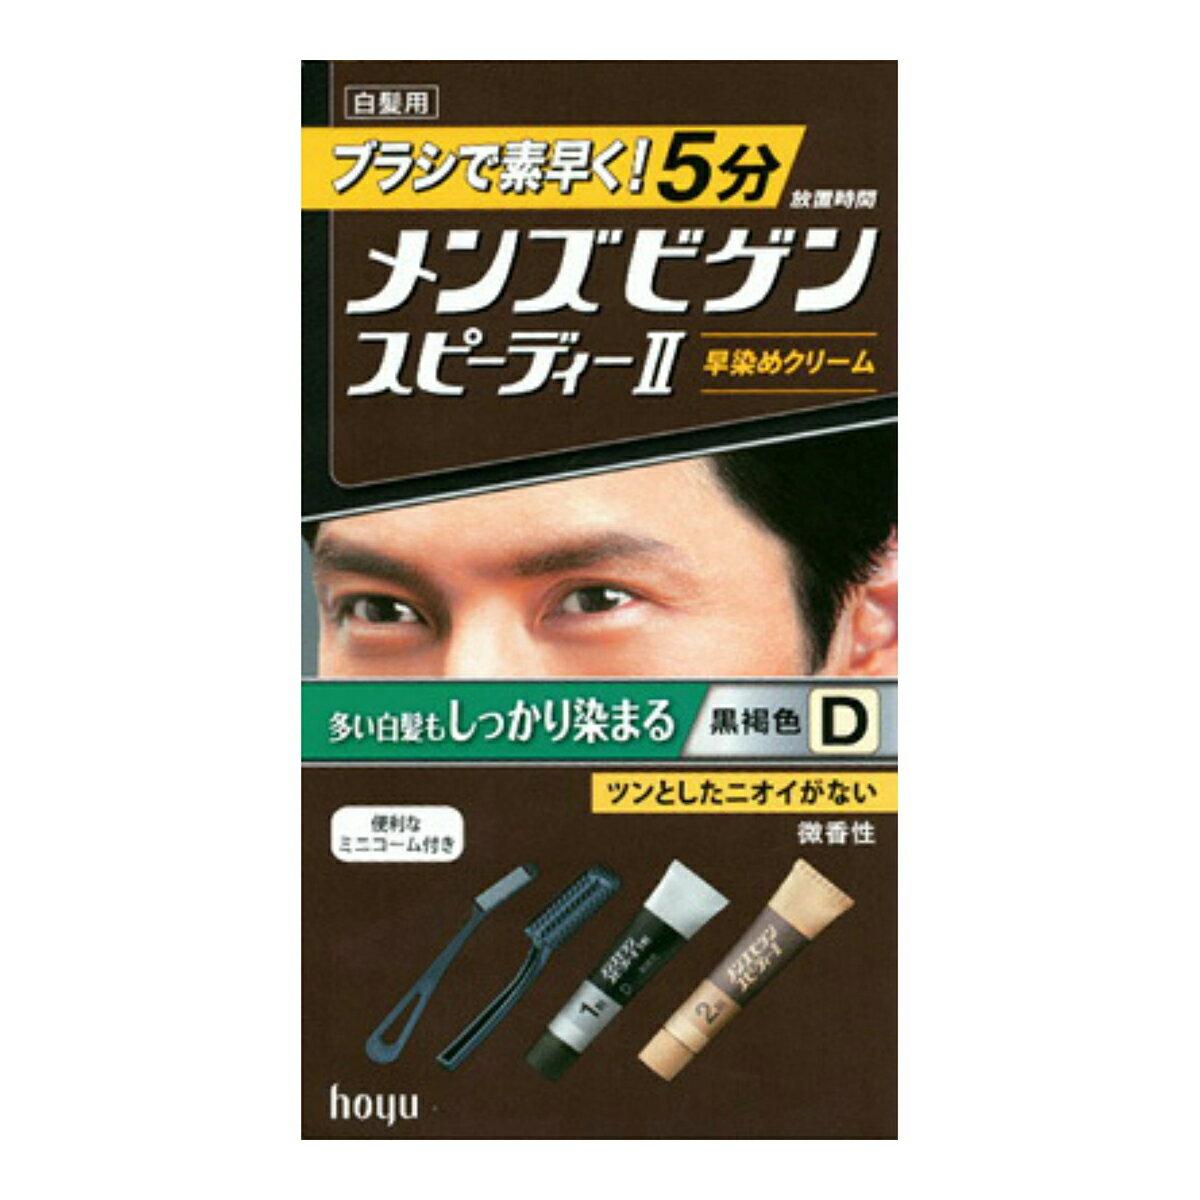 【送料無料】【ヘアケア特売】ホーユー メンズビゲン スピーディー2 D クリームタイプの男性用白髪染め 爽やかなシトラスの香りの微香性タイプ 医薬部外品×54点セット まとめ買い特価!ケース販売 ( 4987205100321 ) 【毛染め】のびがよくたれにくいクリームタイプの男性用白髪染めです。必要な分だけ、何回かに分けてお使いいただけます 4987205100321